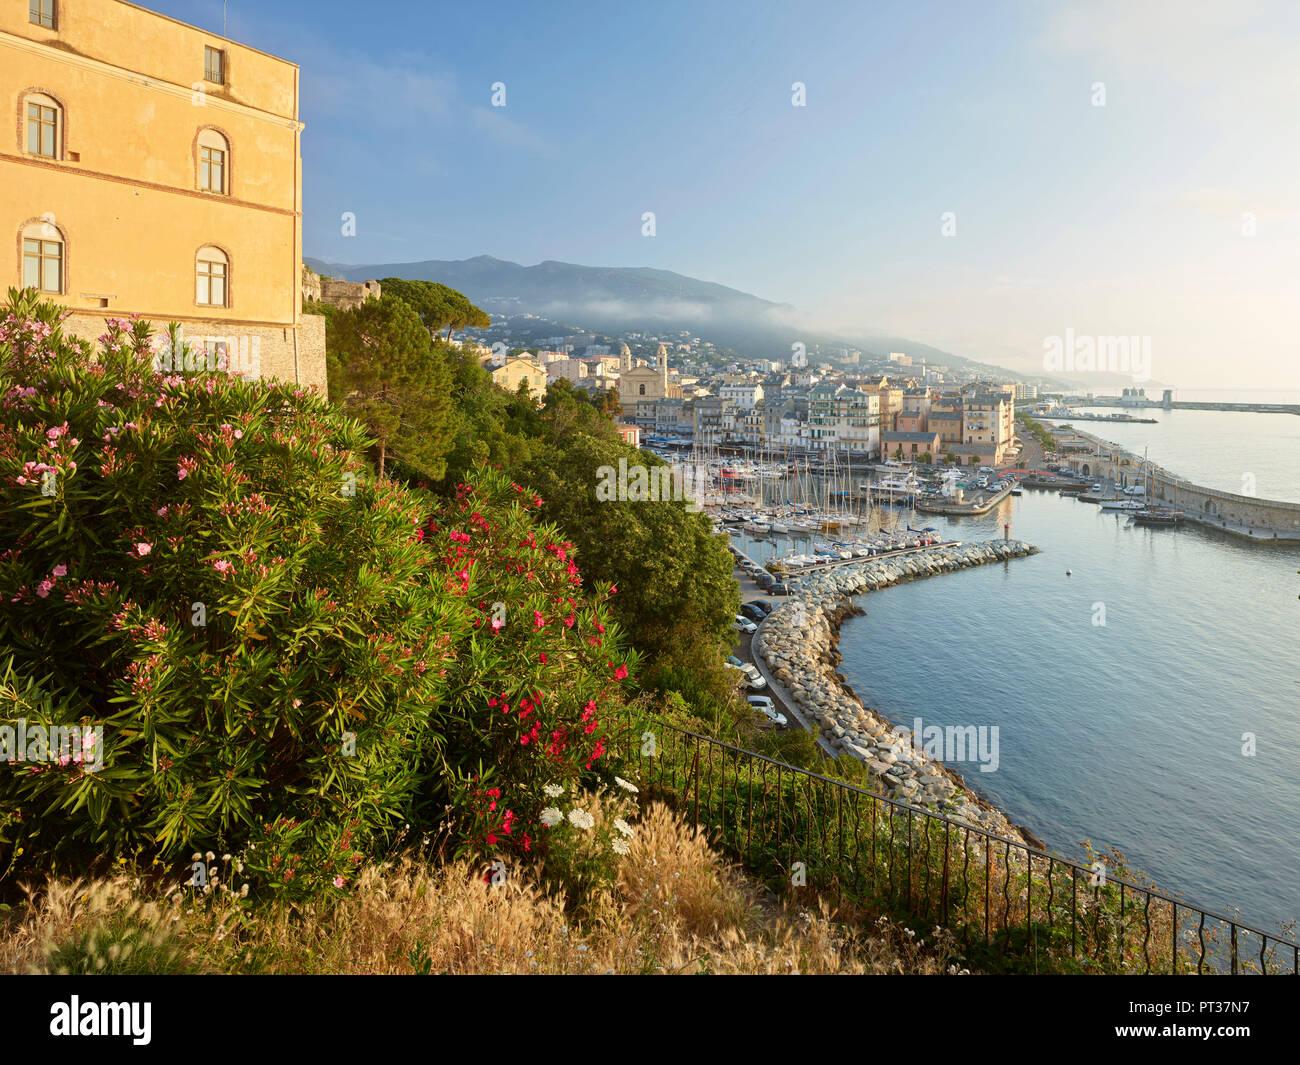 View of the port of Bastia, Haute Corse, Corsica, France - Stock Image